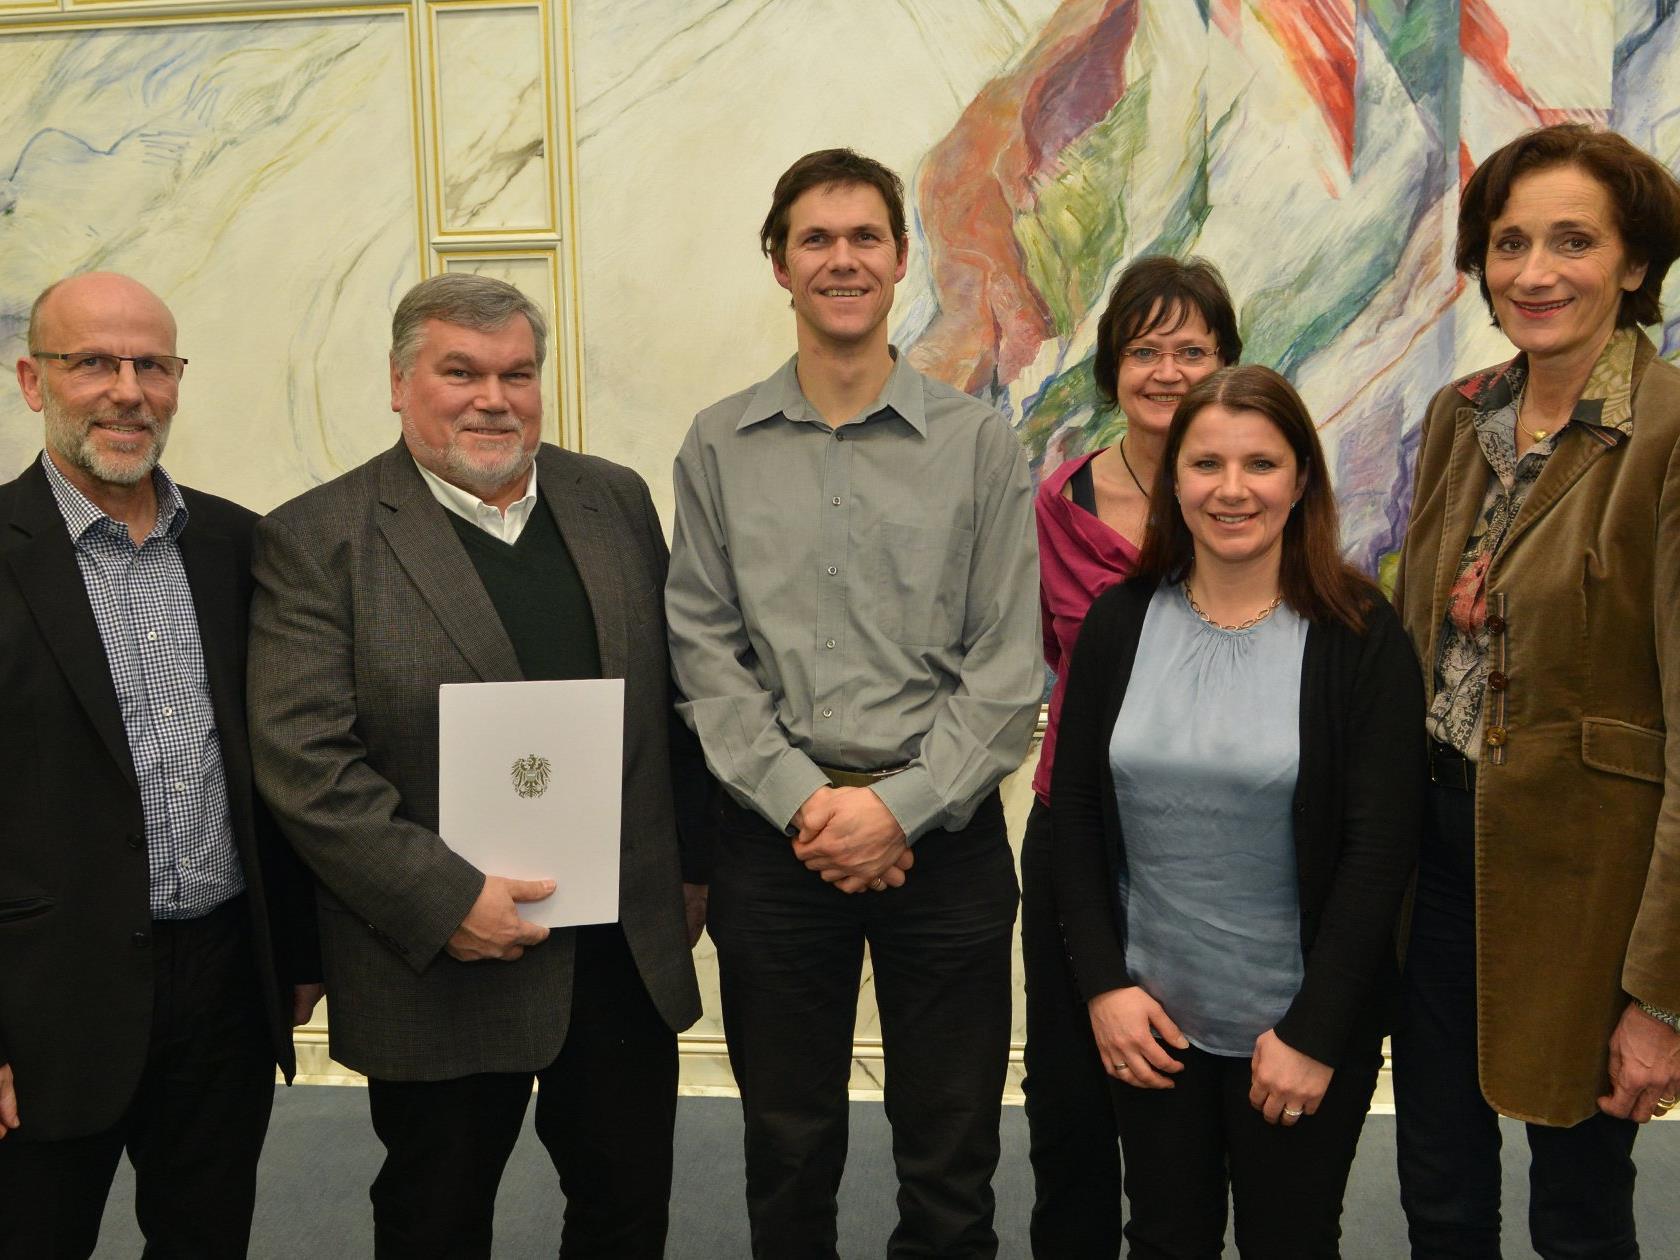 Landesrätin Mennel gratulierte Vorarlberger Schulen zur Auszeichnung mit dem Schulsportgütesiegel.